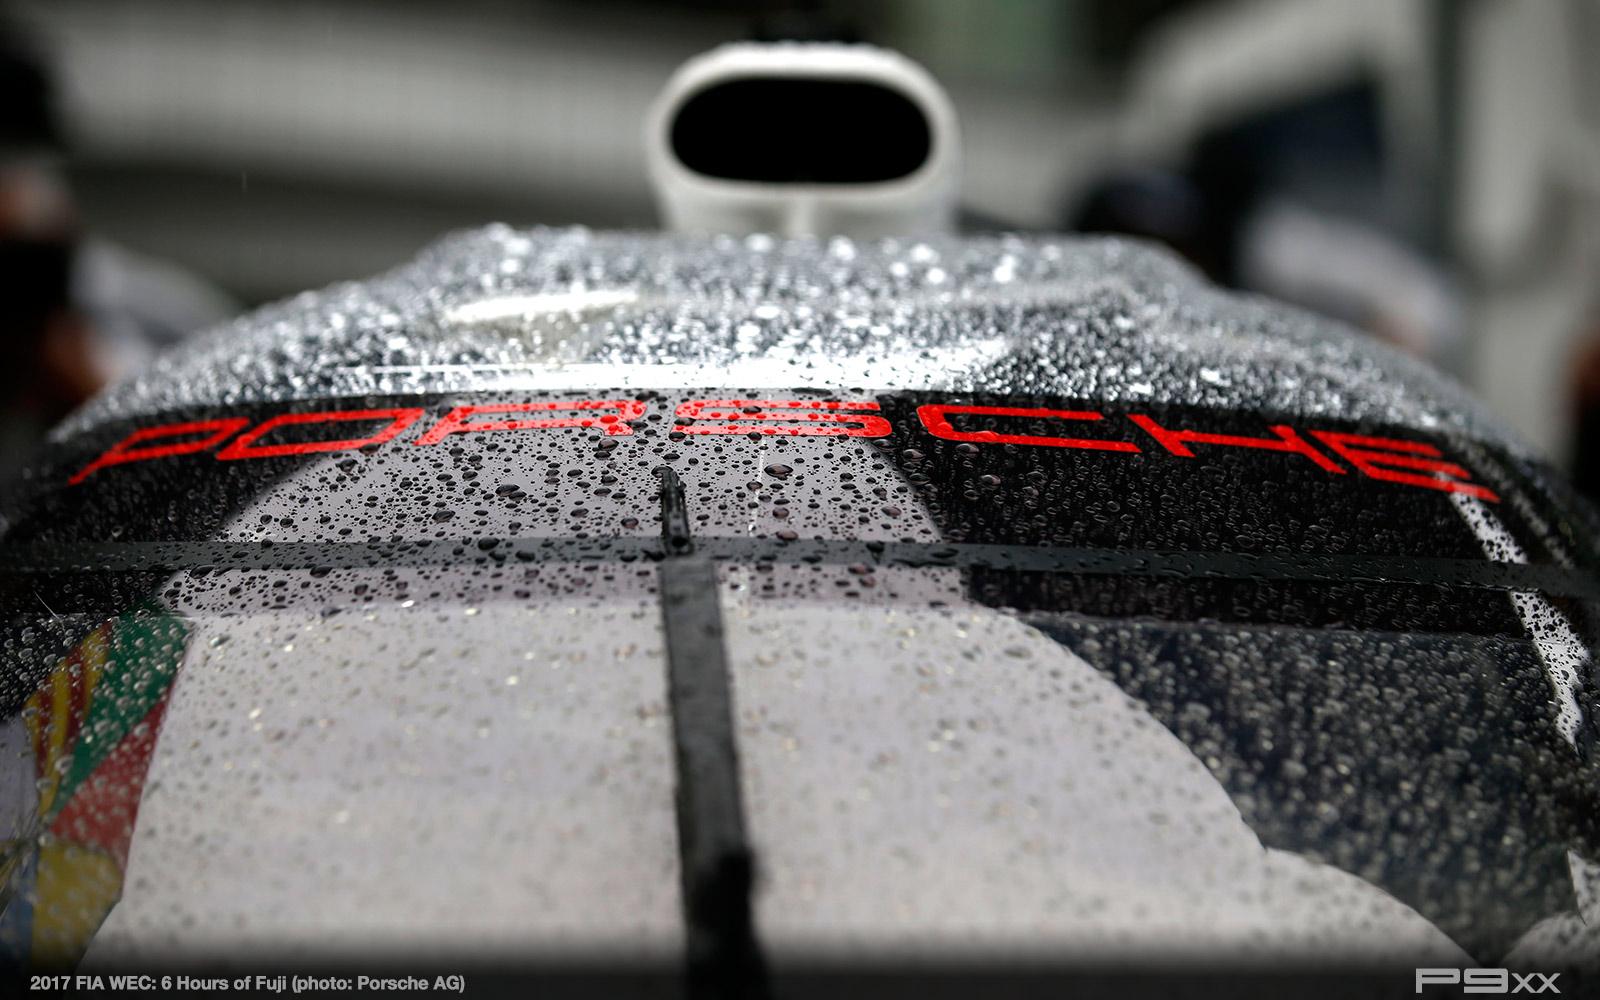 2017-FIA-WEC-6h-of-Fuji-Porsche-443